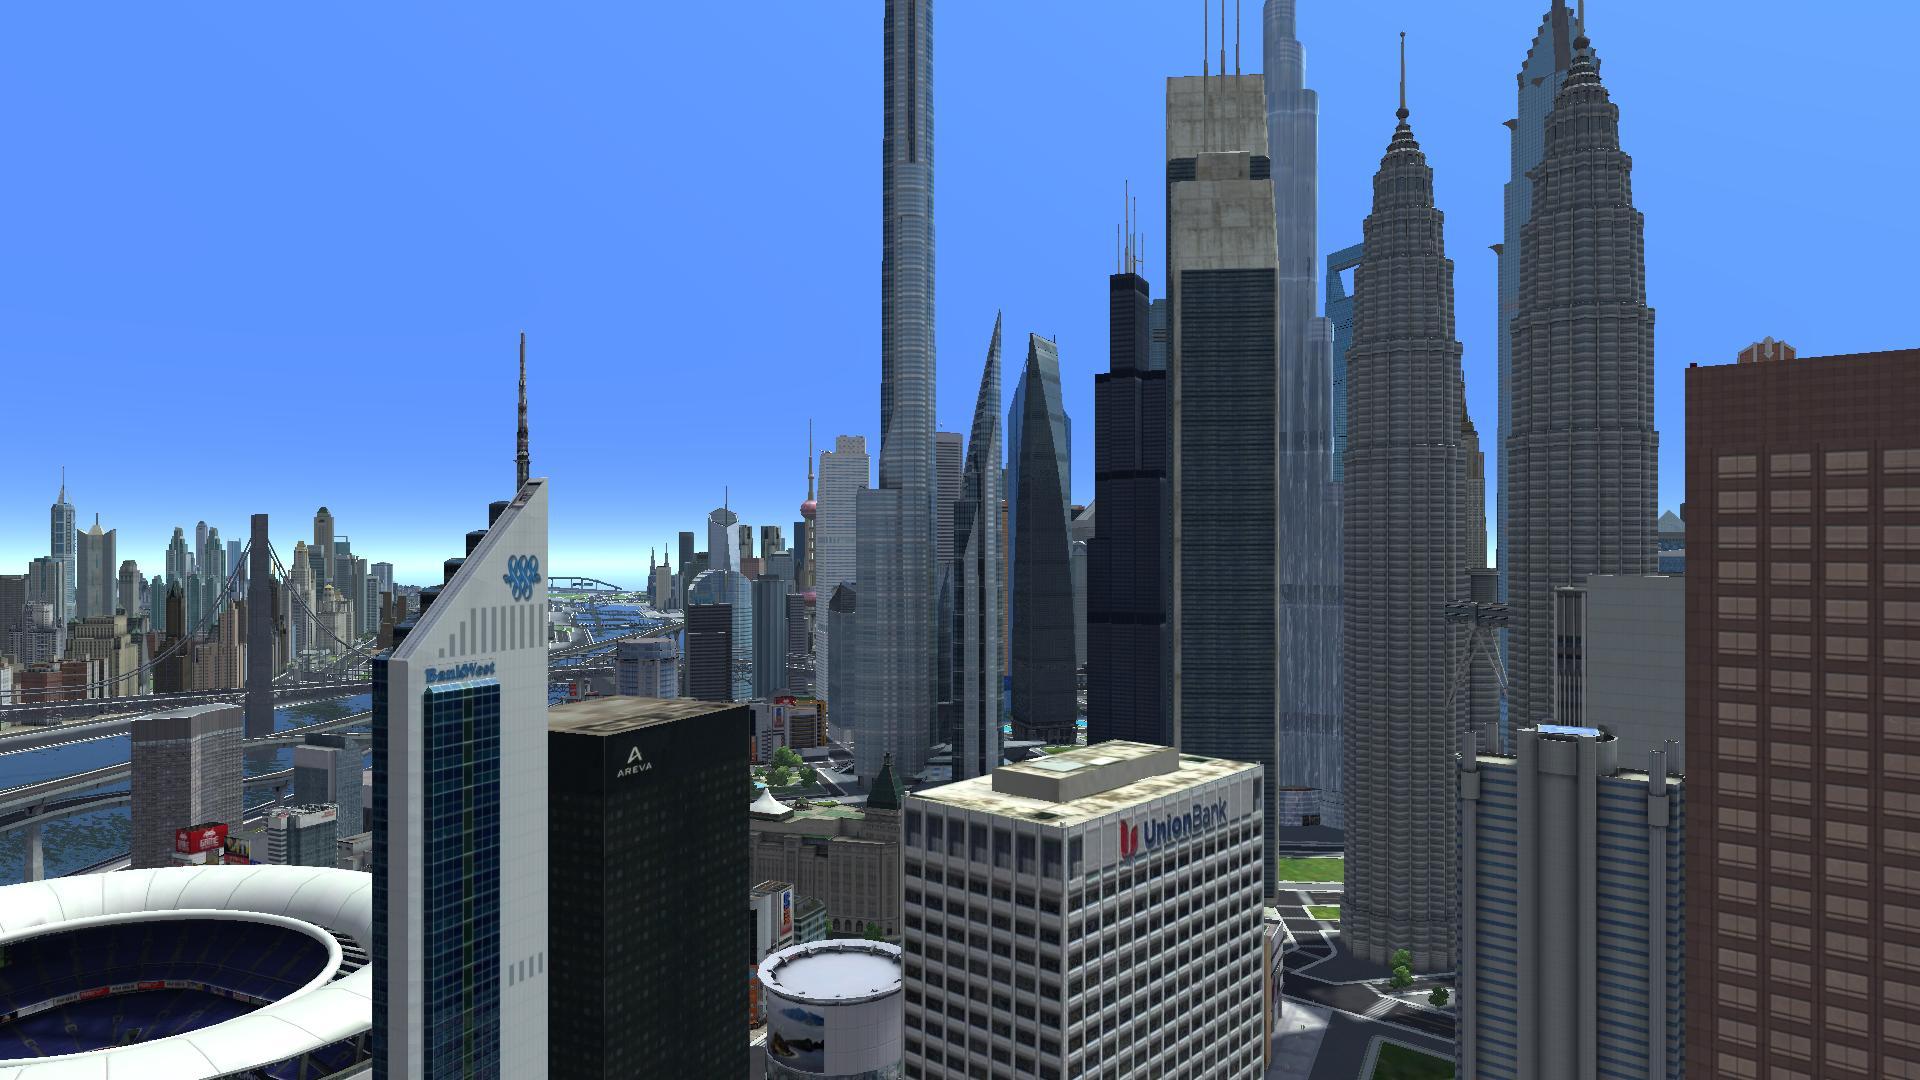 CitiesXL_2012 2014-11-06 16-51-32-48.jpg